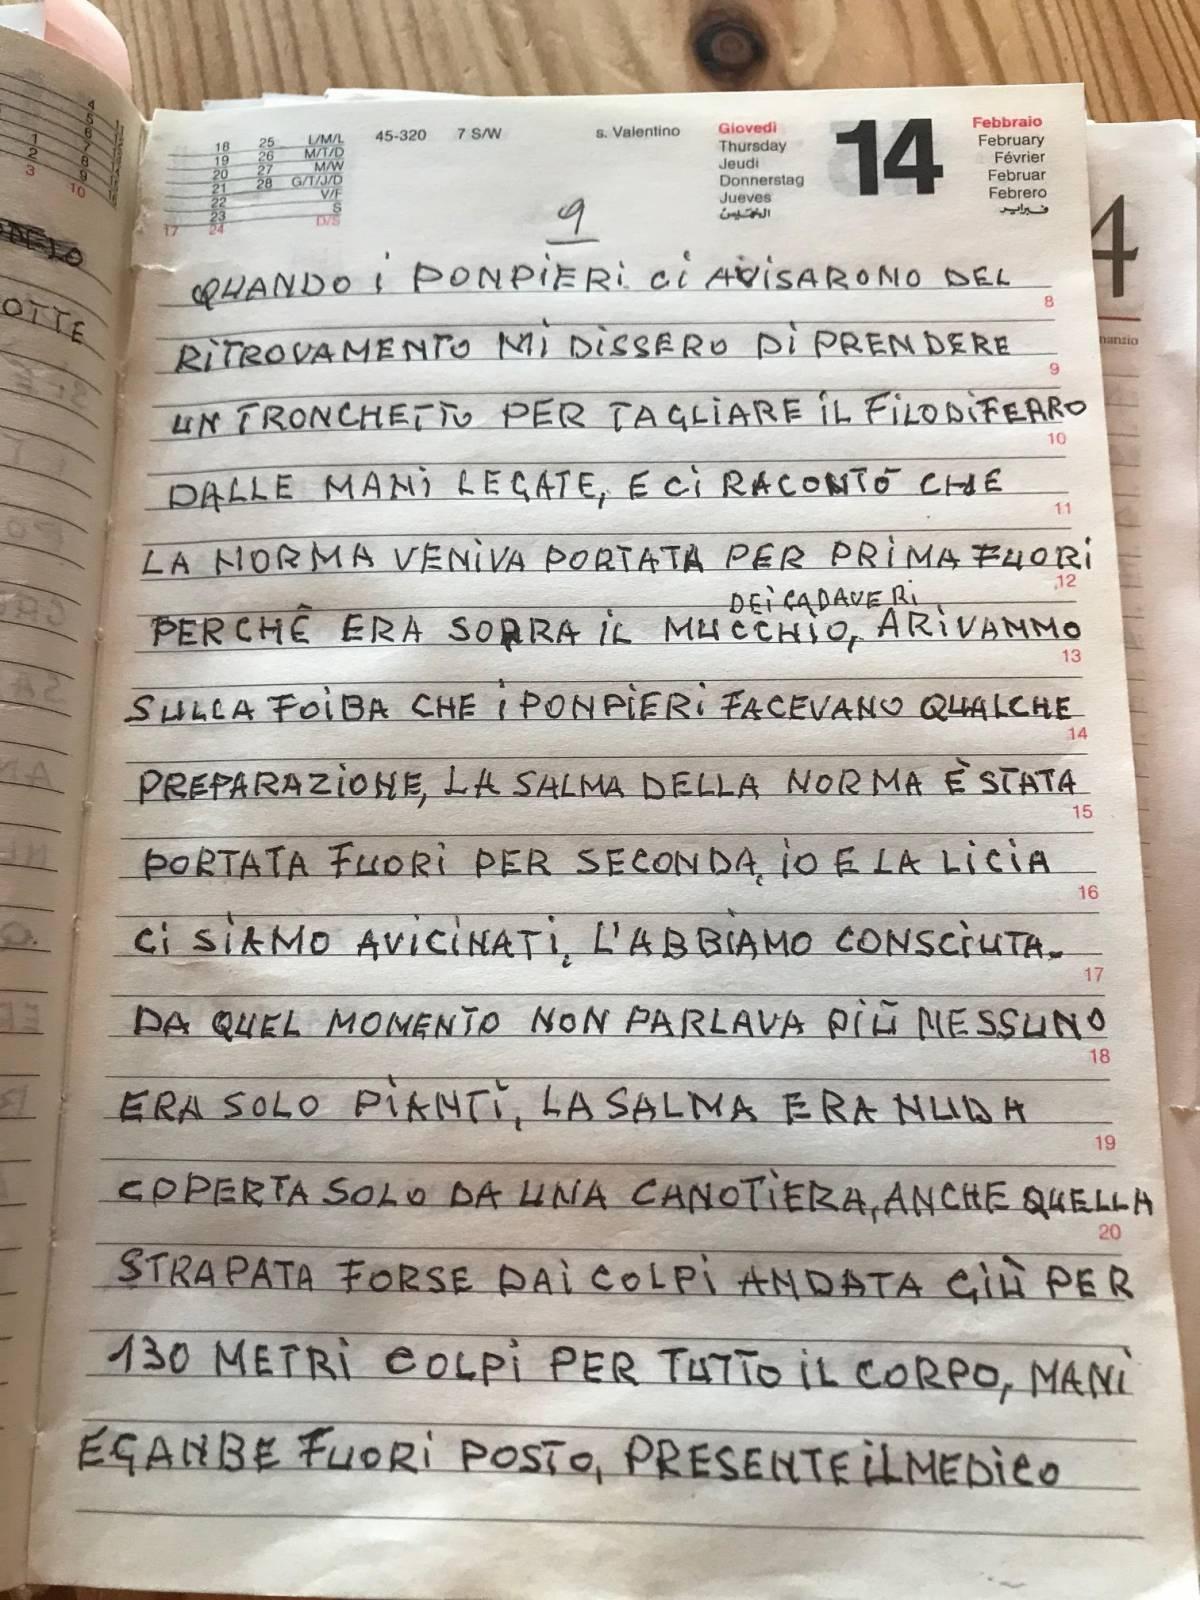 """Il diario del martirio: """"Così ho slegato i polsi al cadavere di Norma"""""""